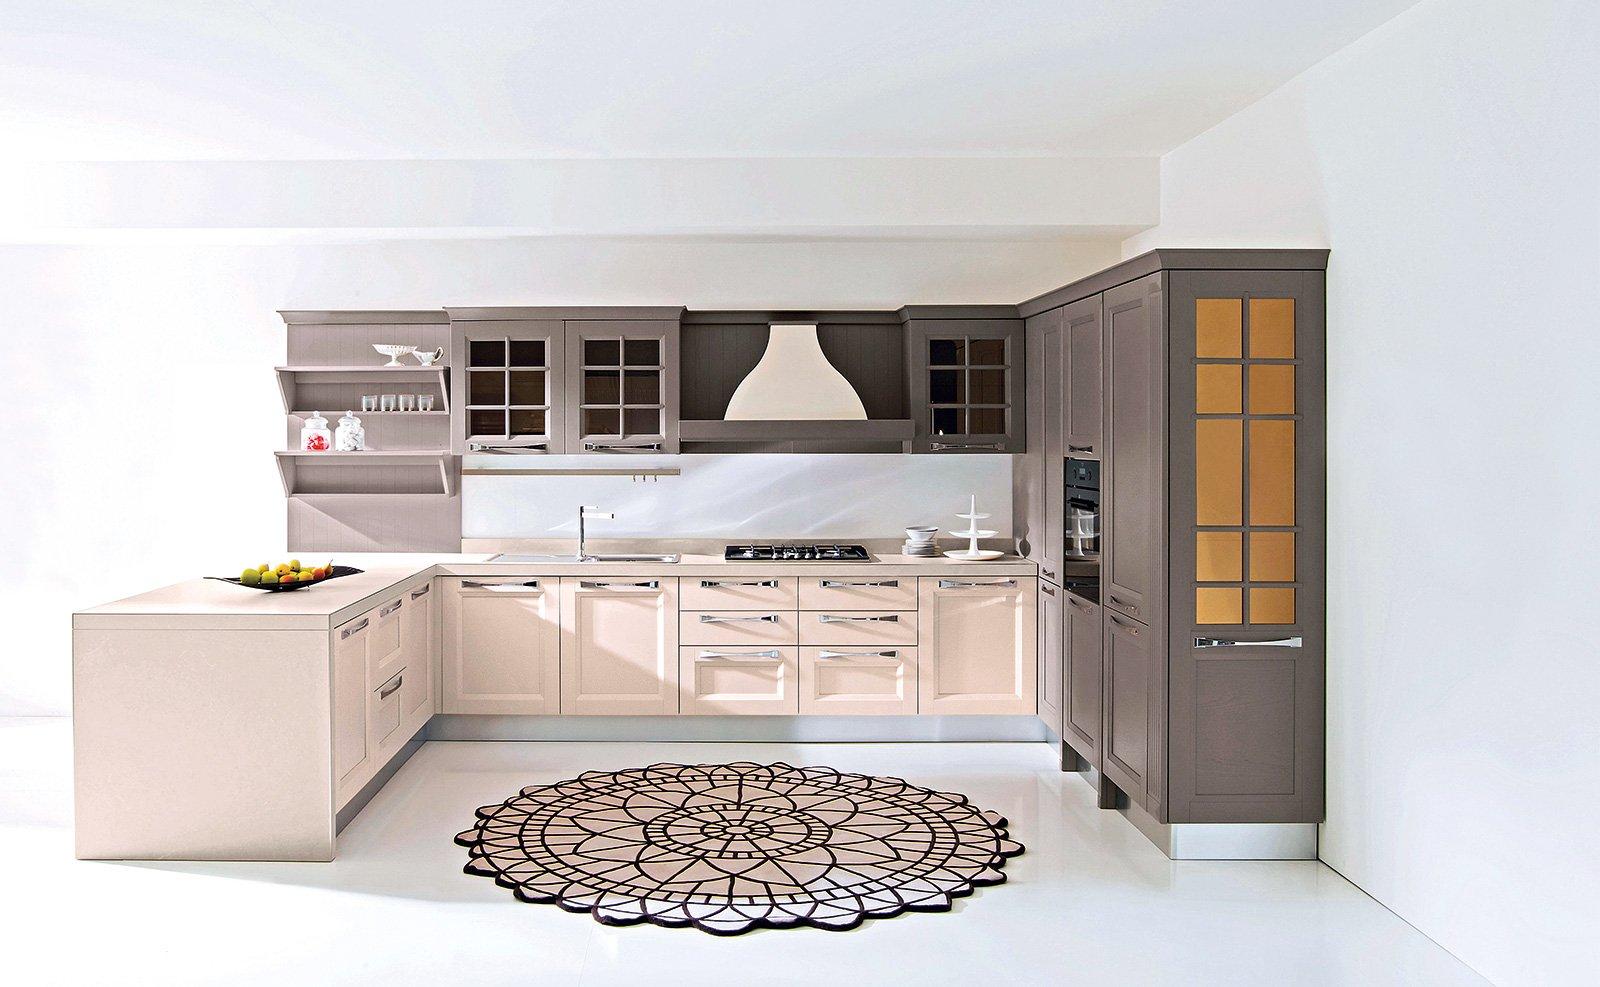 Cucine Con Penisola: Le Novità Cose Di Casa #956836 1600 987 Cucine Classiche Con Dispensa